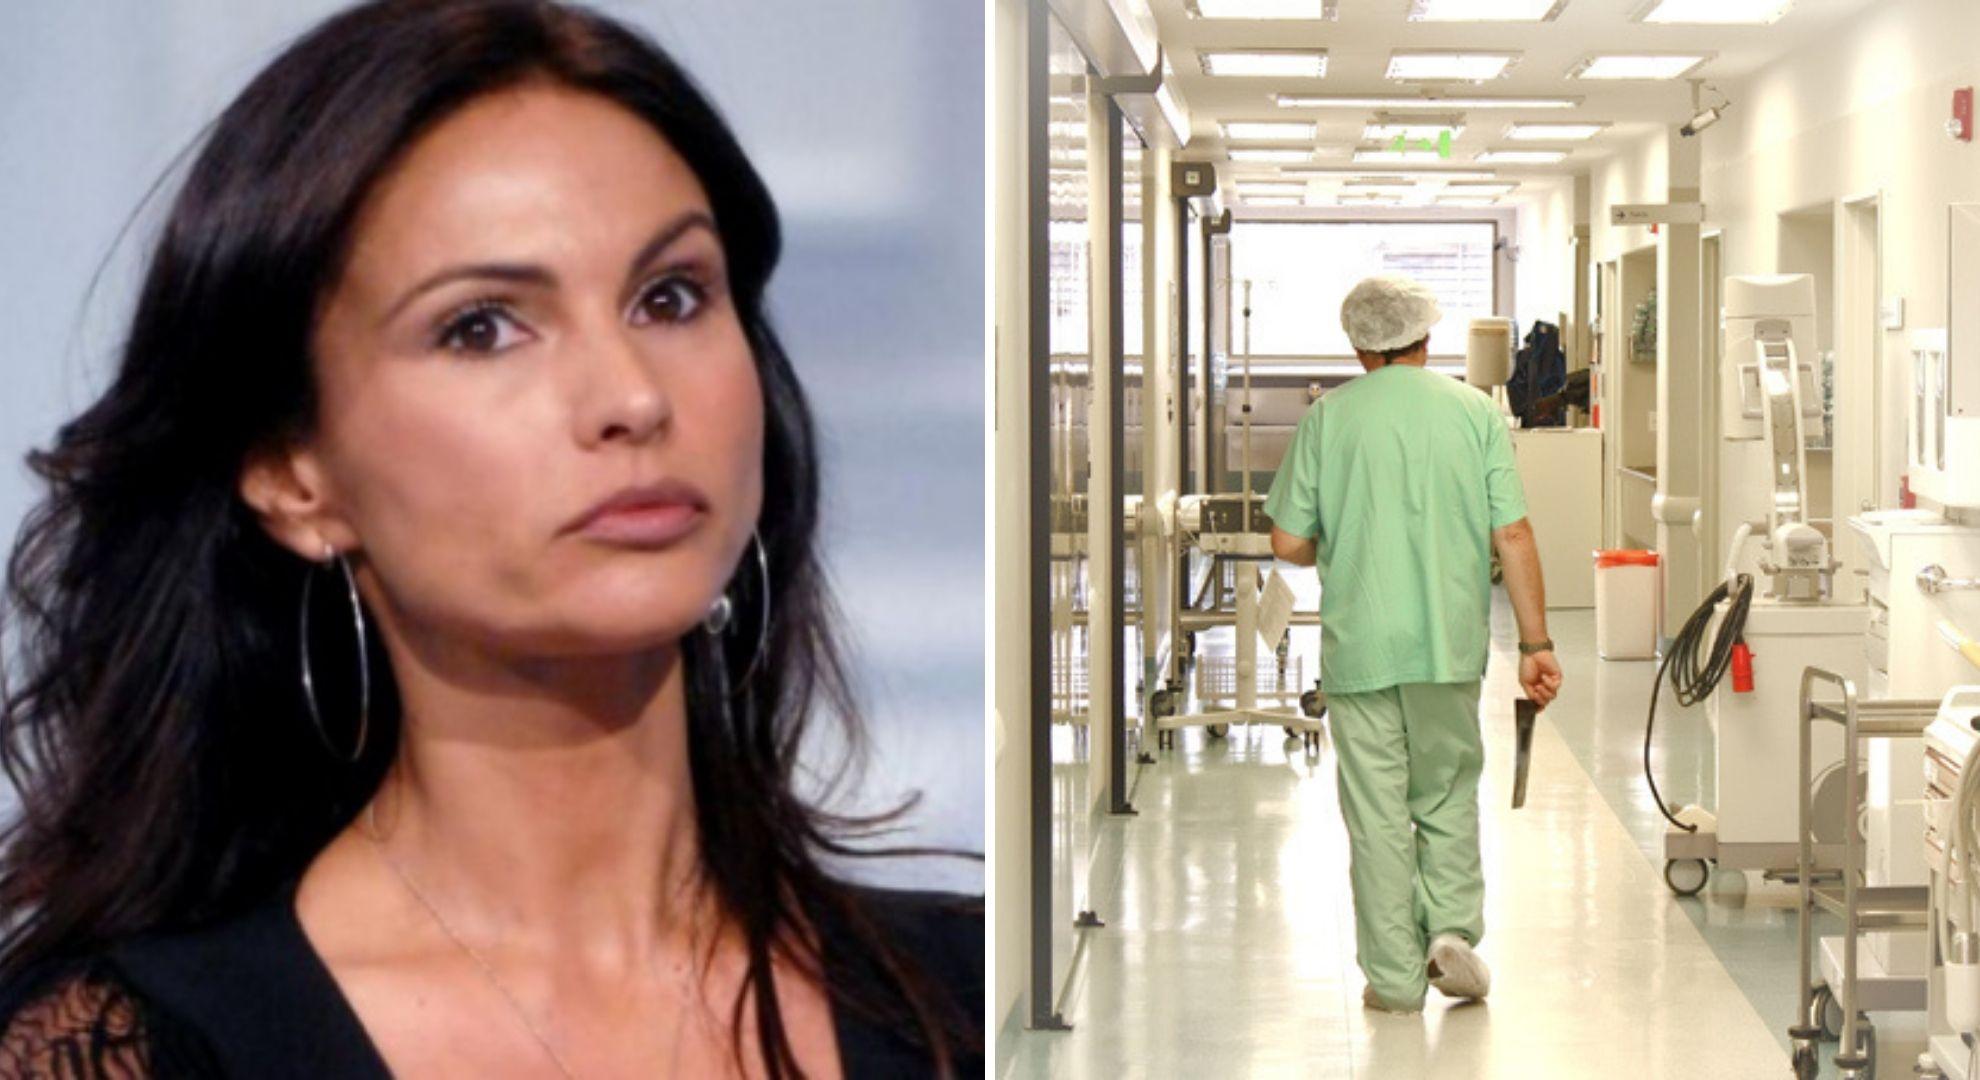 Ramona Bădescu trece prin momente grele. Ce se întâmplă cu tatăl infectat cu noul virus